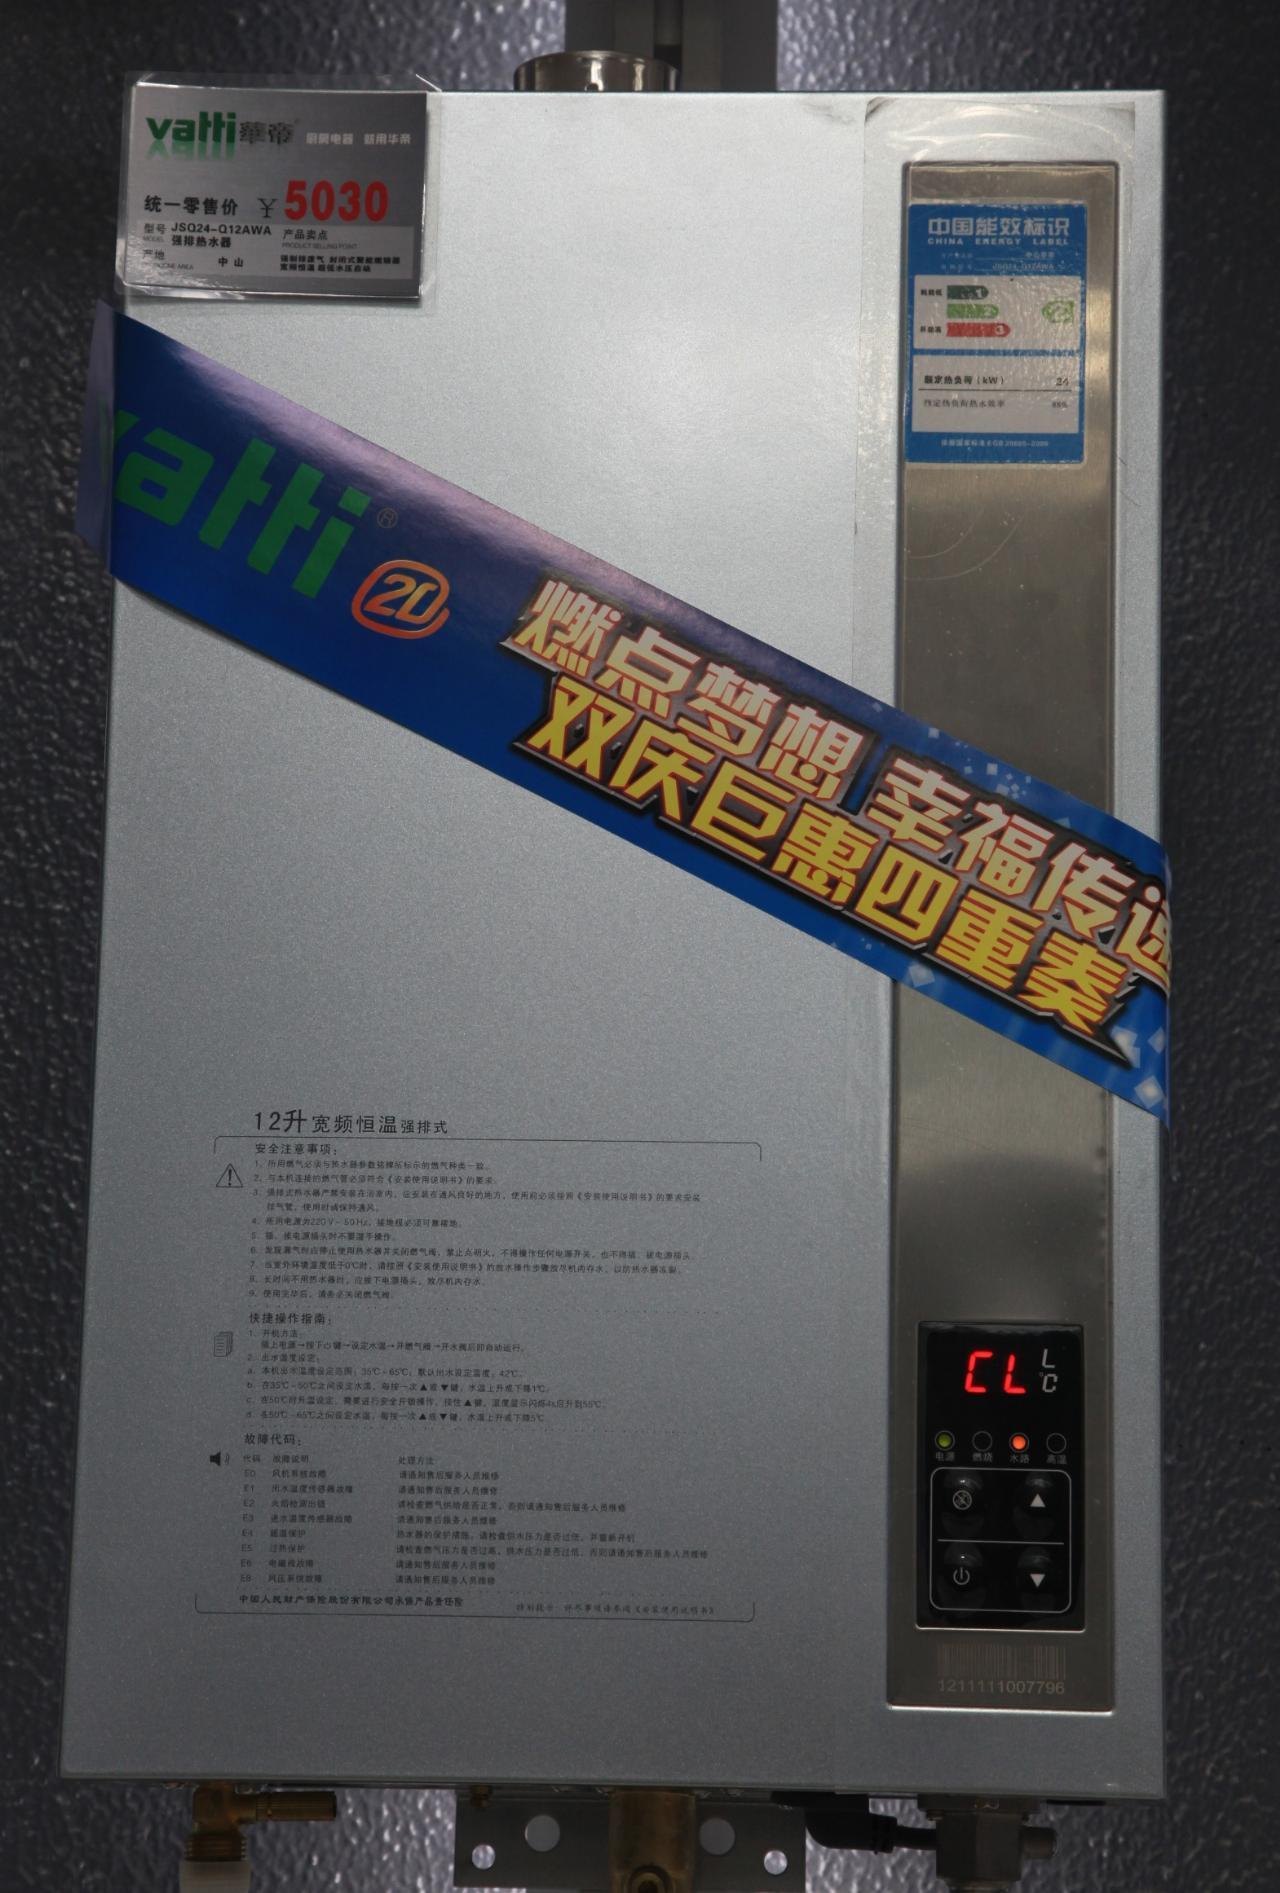 华帝jsq24-q12awa强排热水器